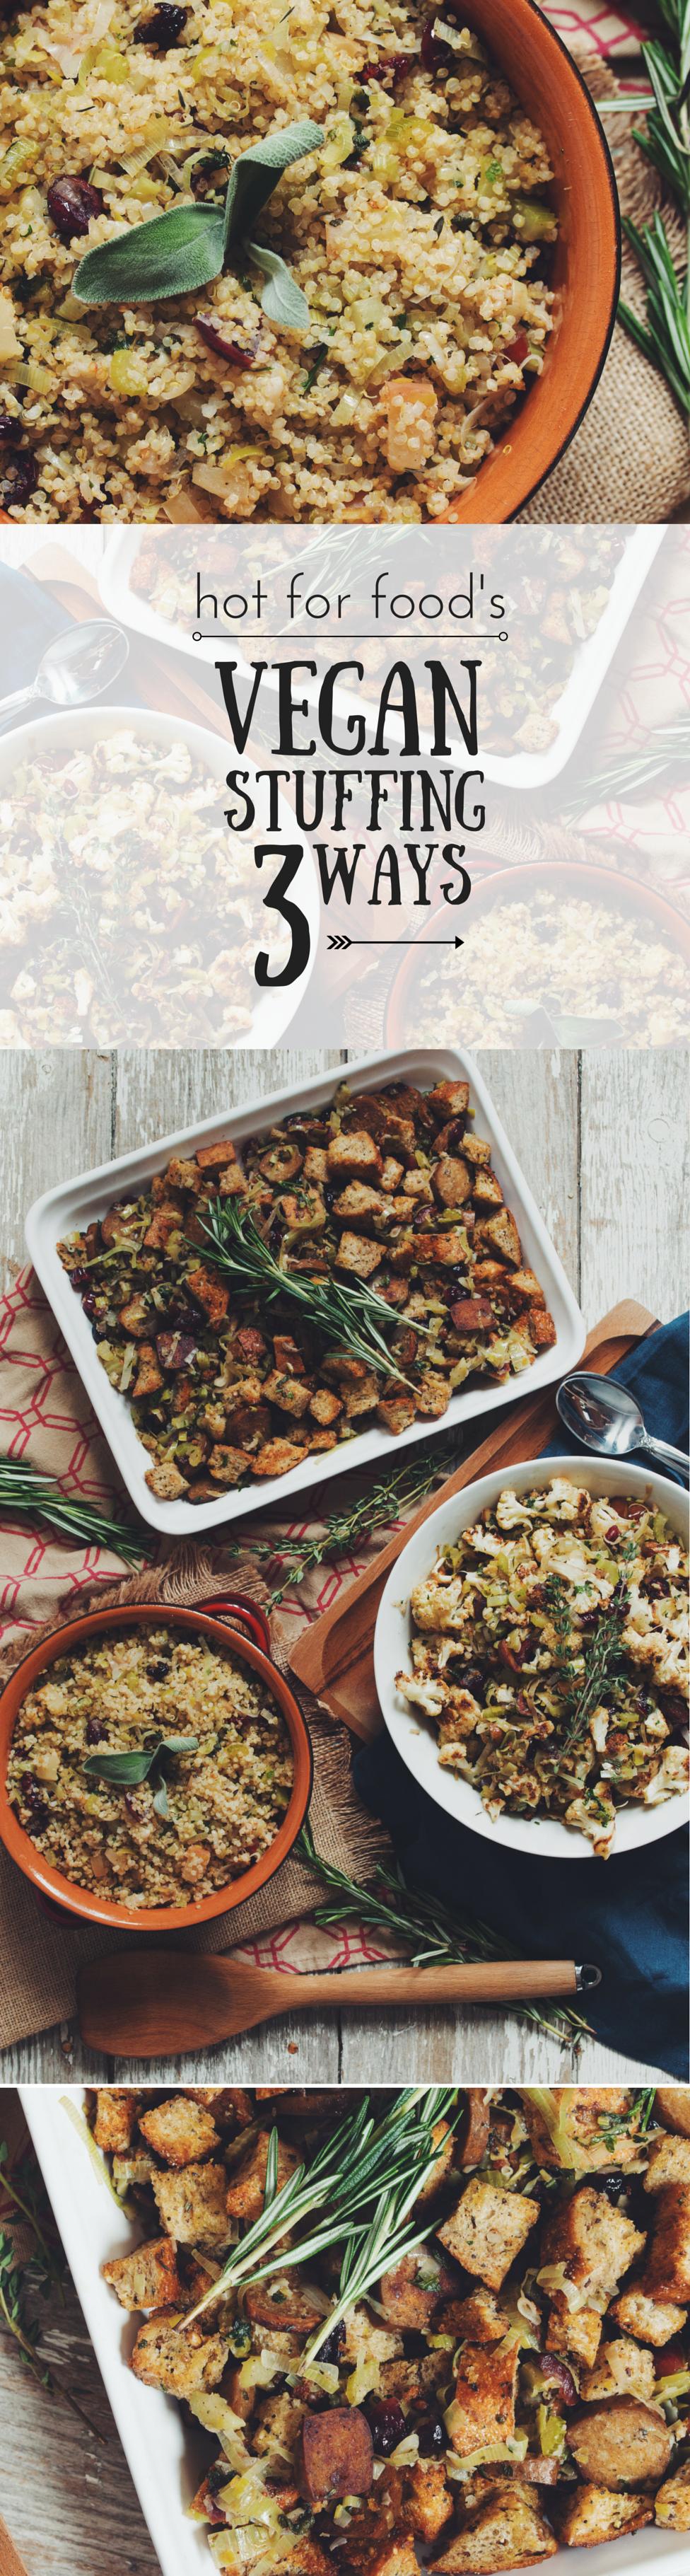 Vegan Stuffing 3 Ways Thanksgiving Recipe On Youtubecom